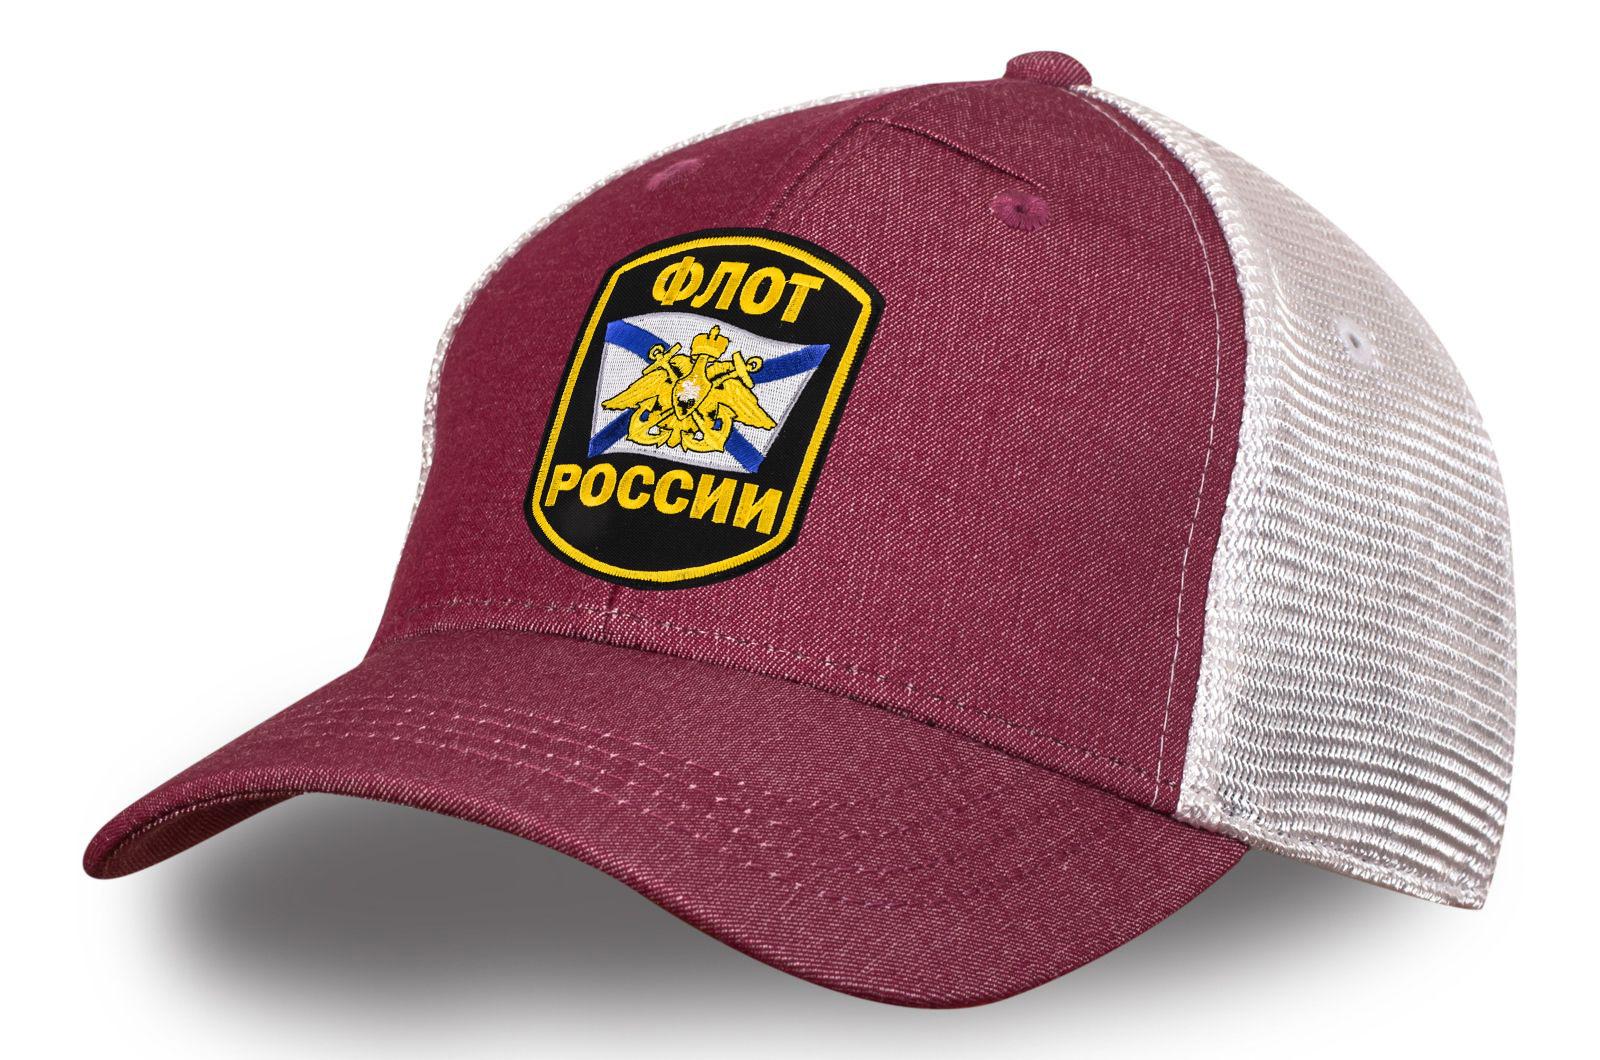 95a53c13d6d8 Кепка с вышивкой Флот России